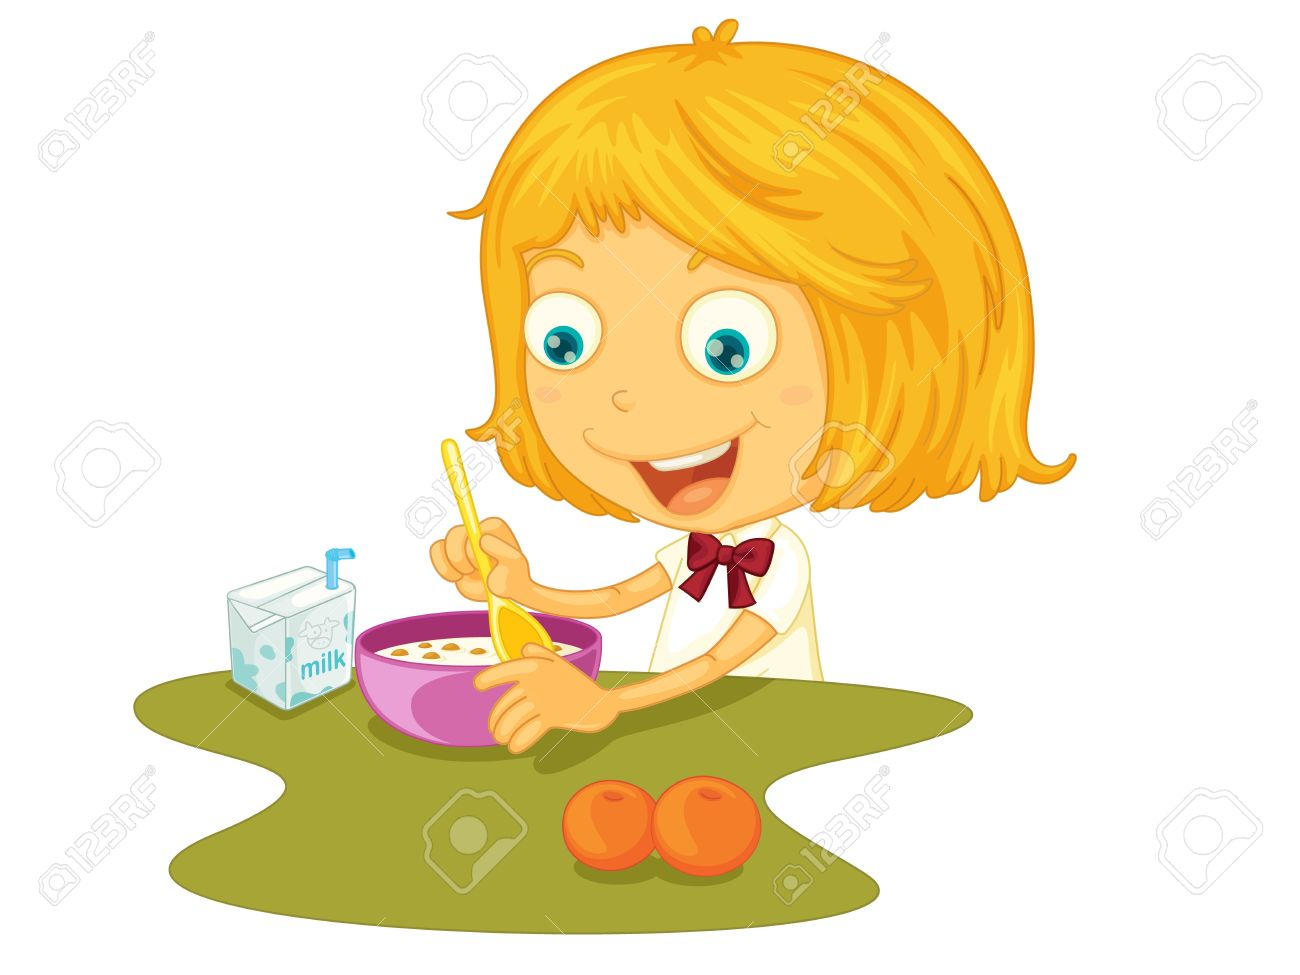 Dibujo De Un Niño Comiendo En Una Mesa Ilustraciones Vectoriales